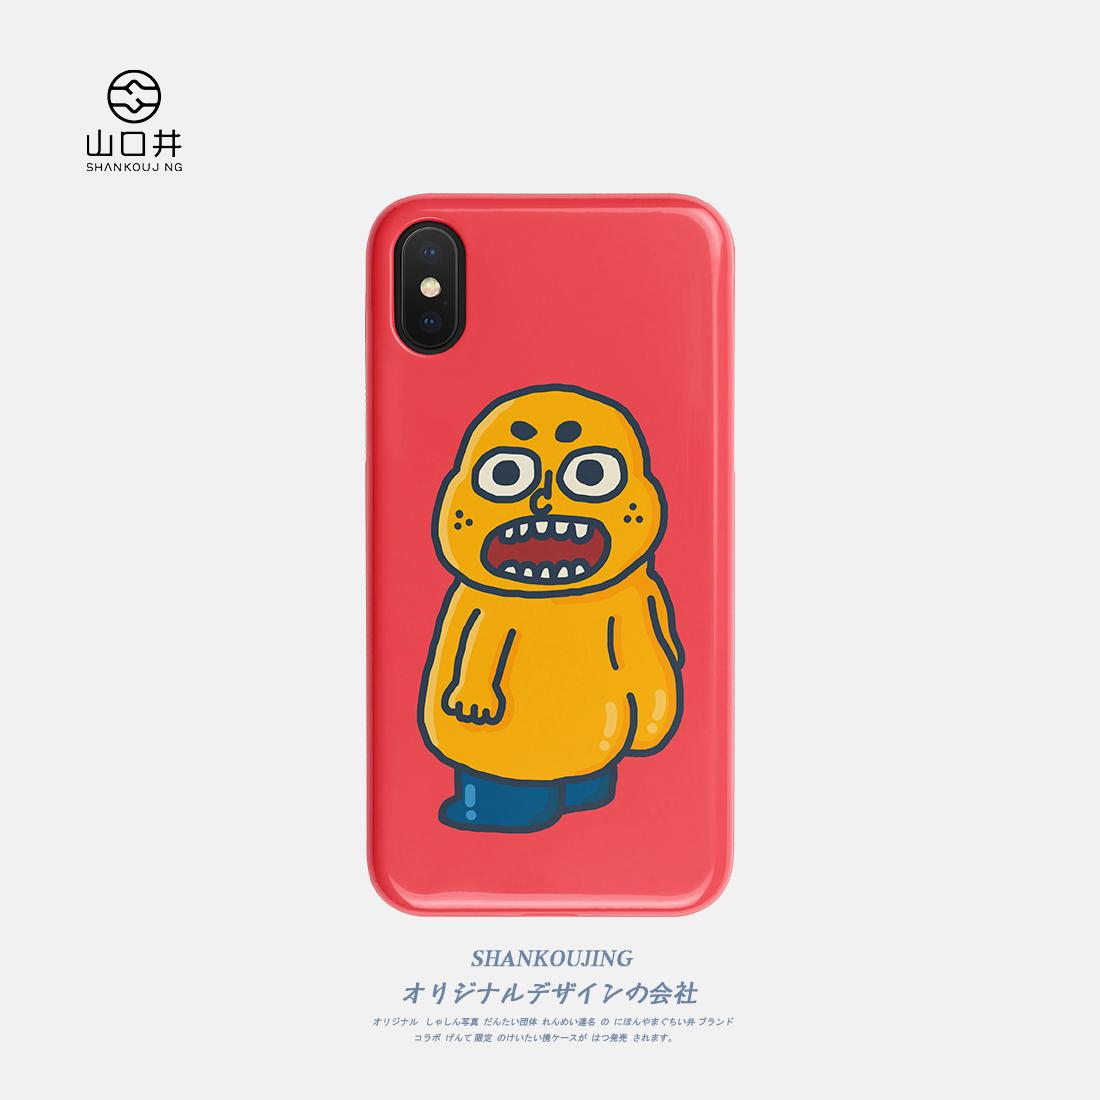 山口井 原创美术屁股iphone手机壳XS/XR/MAX苹果7/8plus硅胶软壳